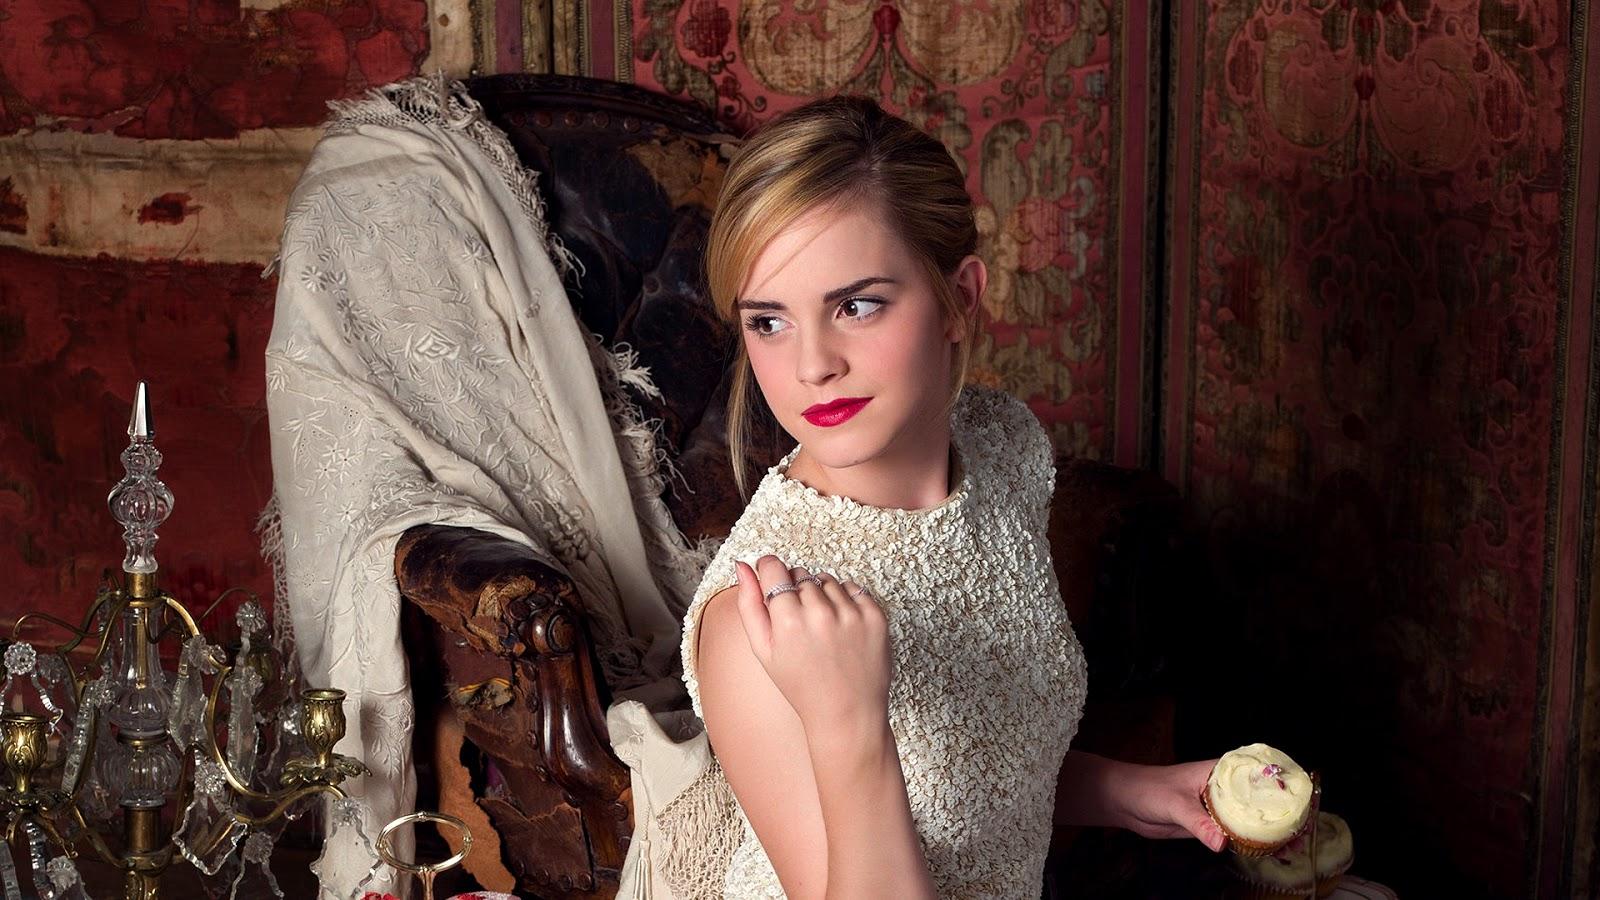 Hot Lips of Emma Watson Wallpaper HD